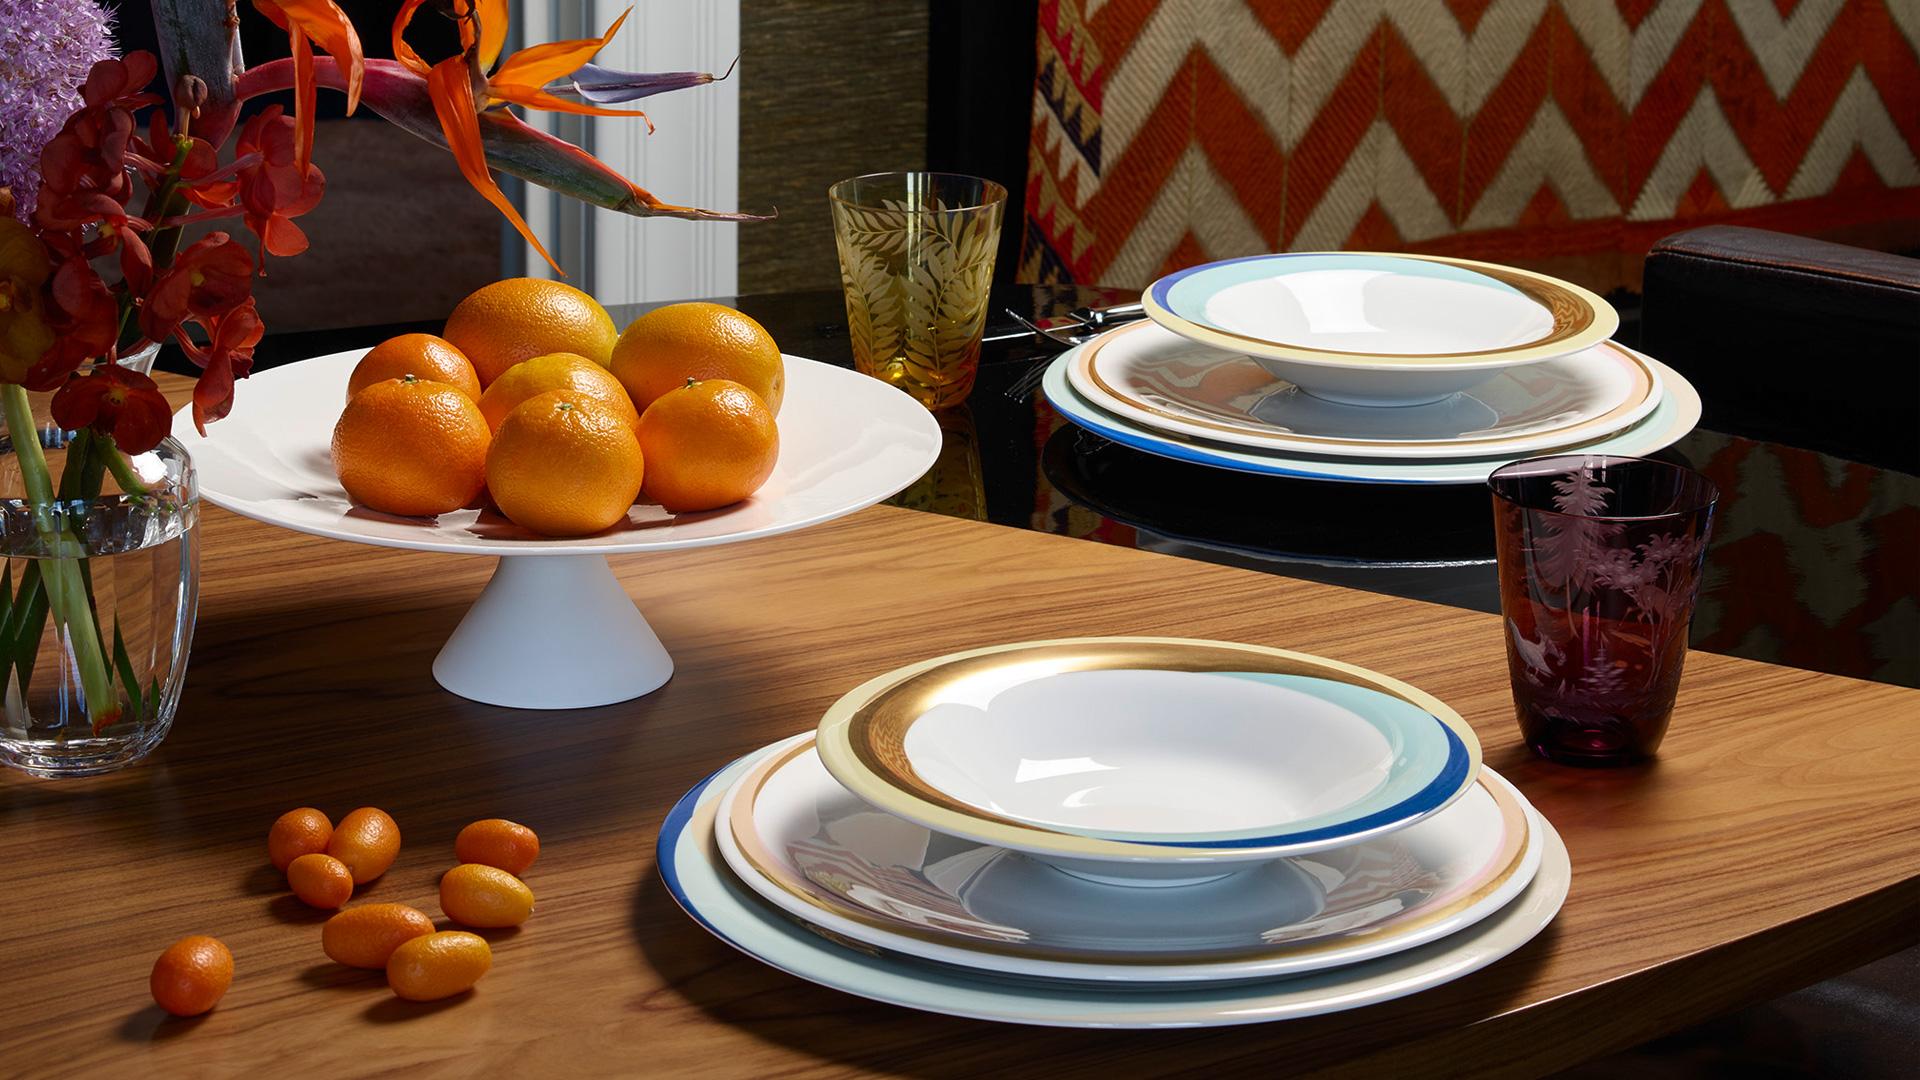 http://www.fuerstenberg-porzellan.com/out/pictures/master/themeworld/1/Shop-the-look-Fluen1.jpg